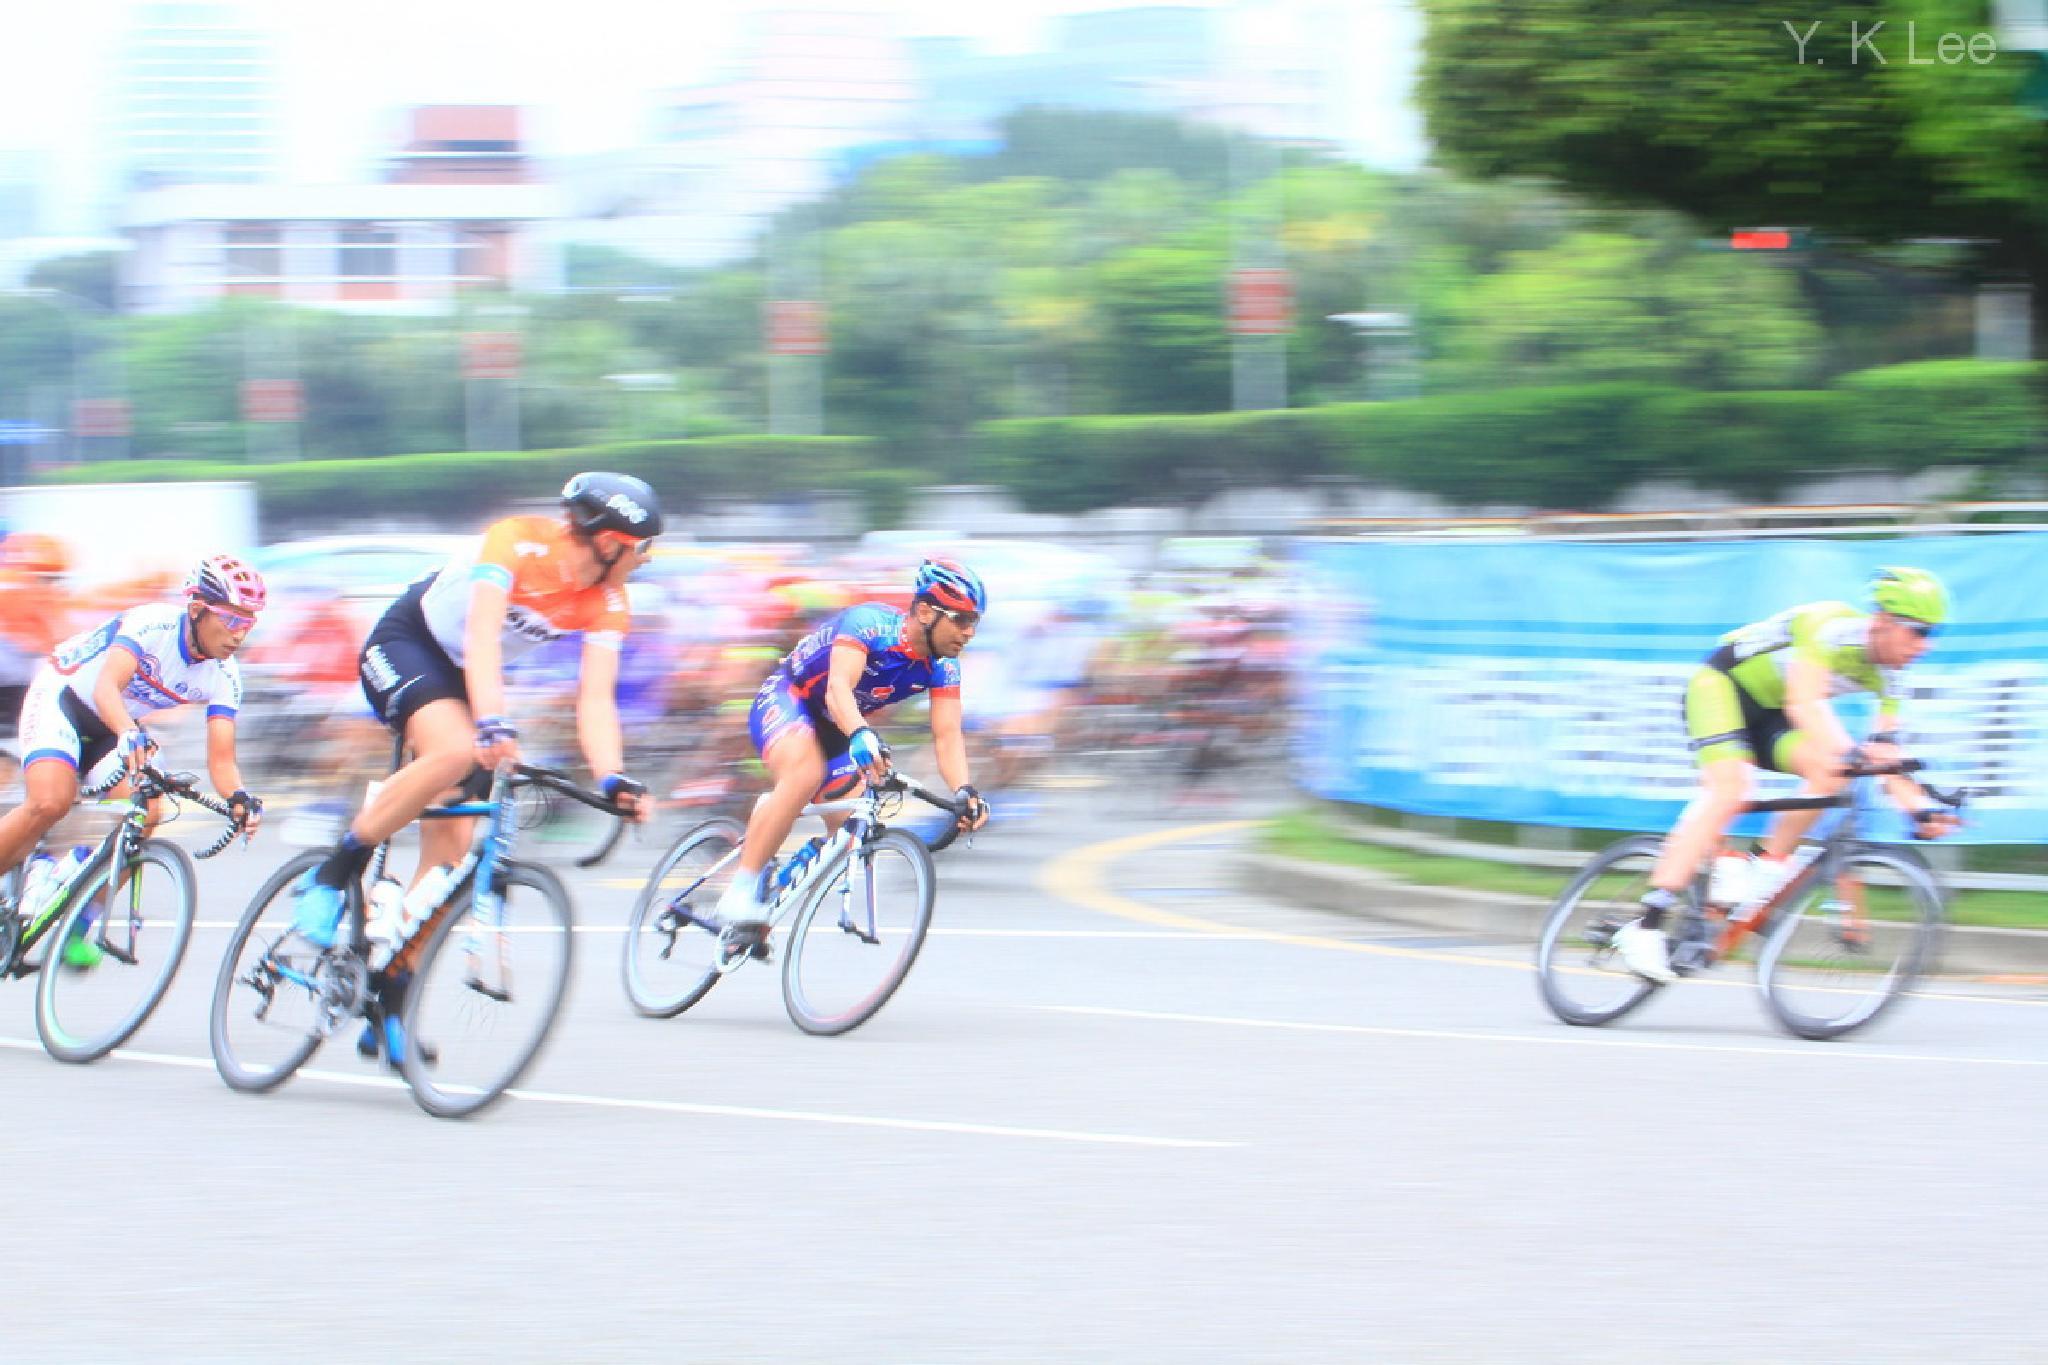 自行車環台賽 by 李葉坤